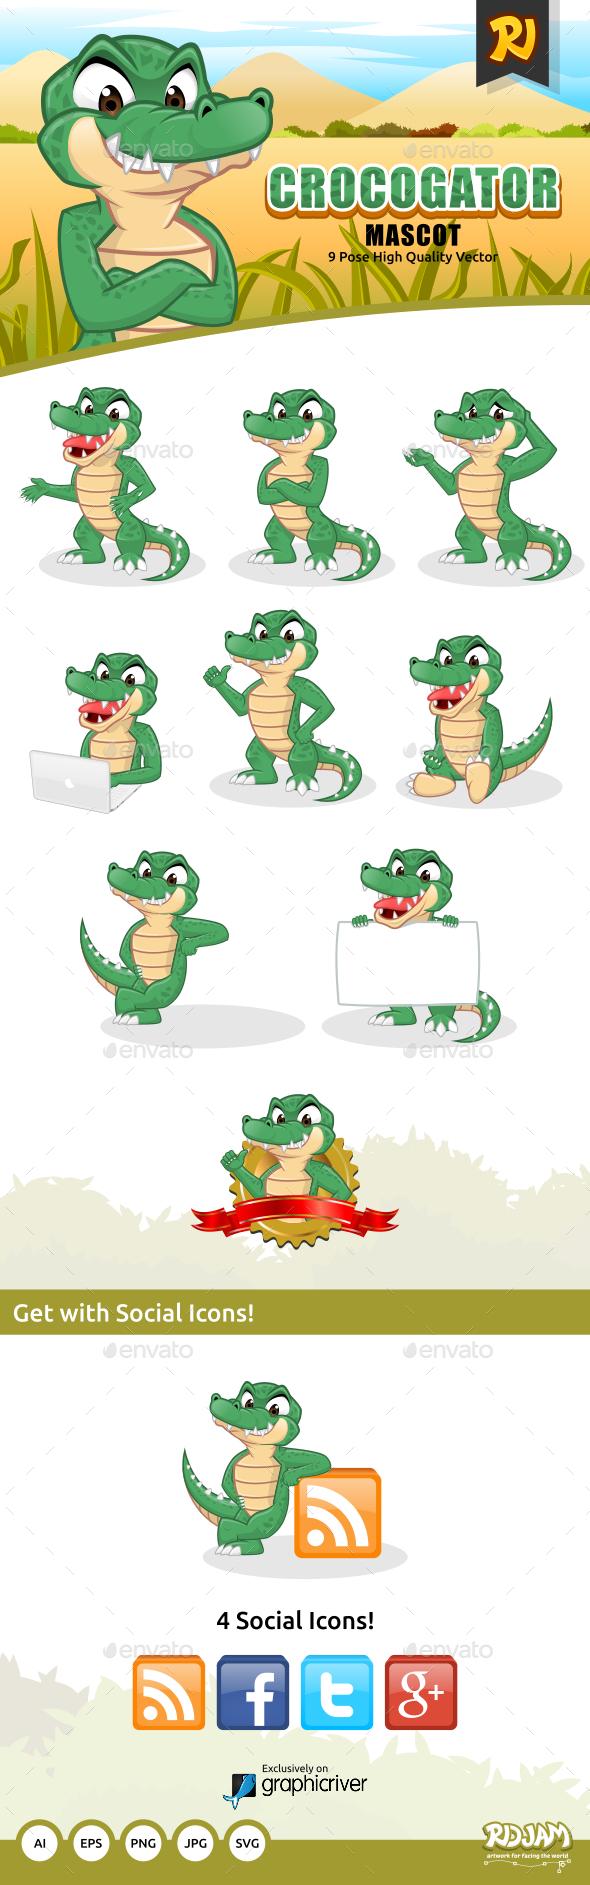 Crocogator Mascot